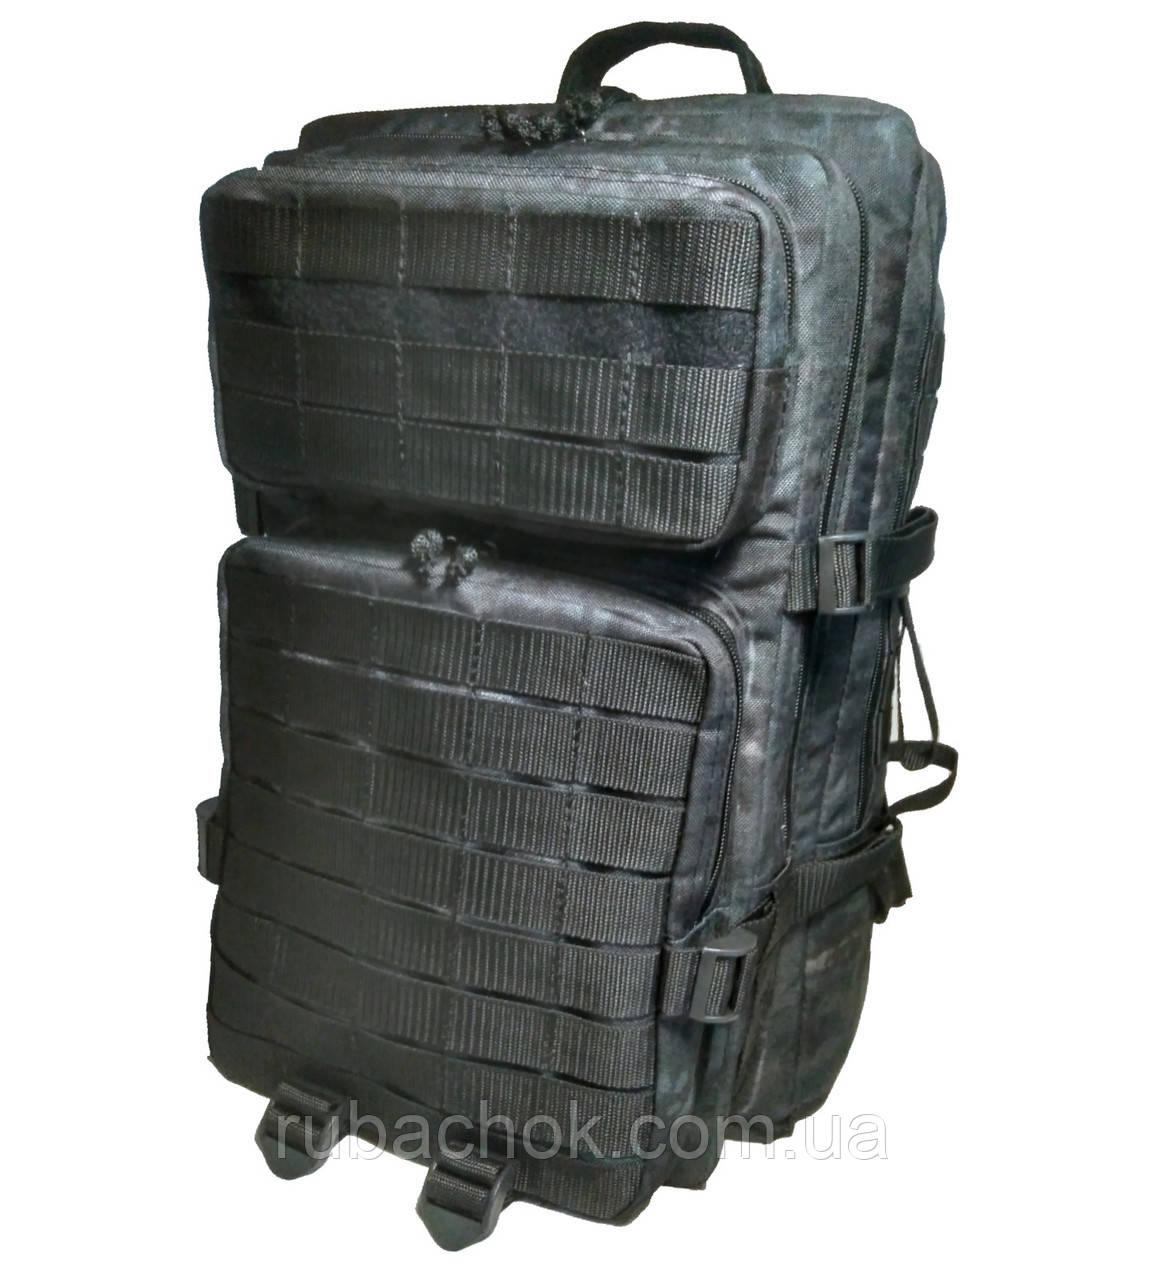 Тактический, штурмовой супер-крепкий рюкзак 38 литров Атакс черный